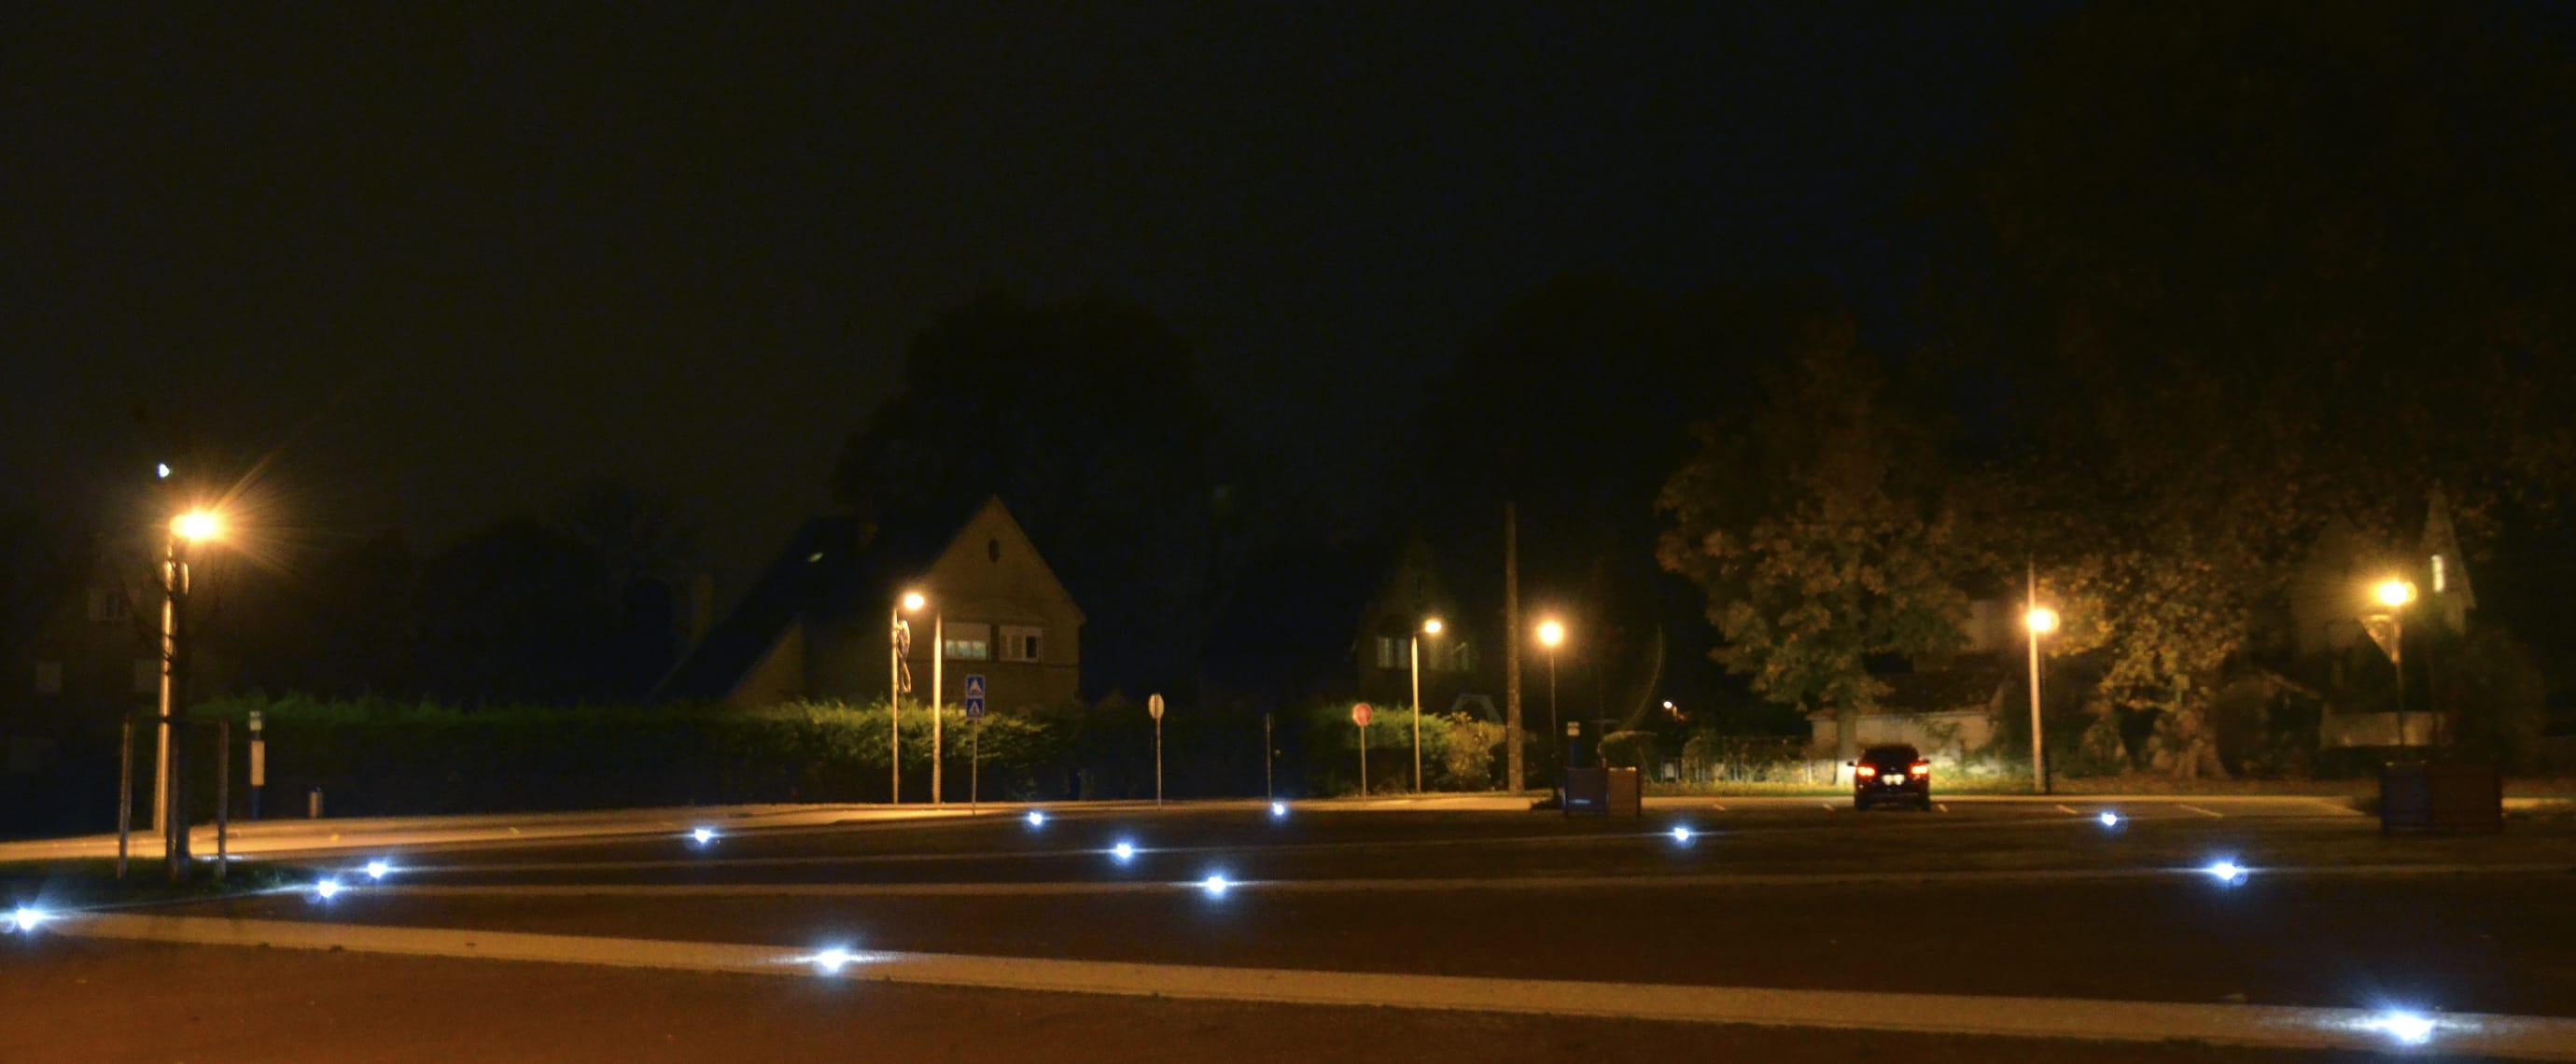 Plot lumineux place publique avec le plot routier ECO-870 Eco-Innov